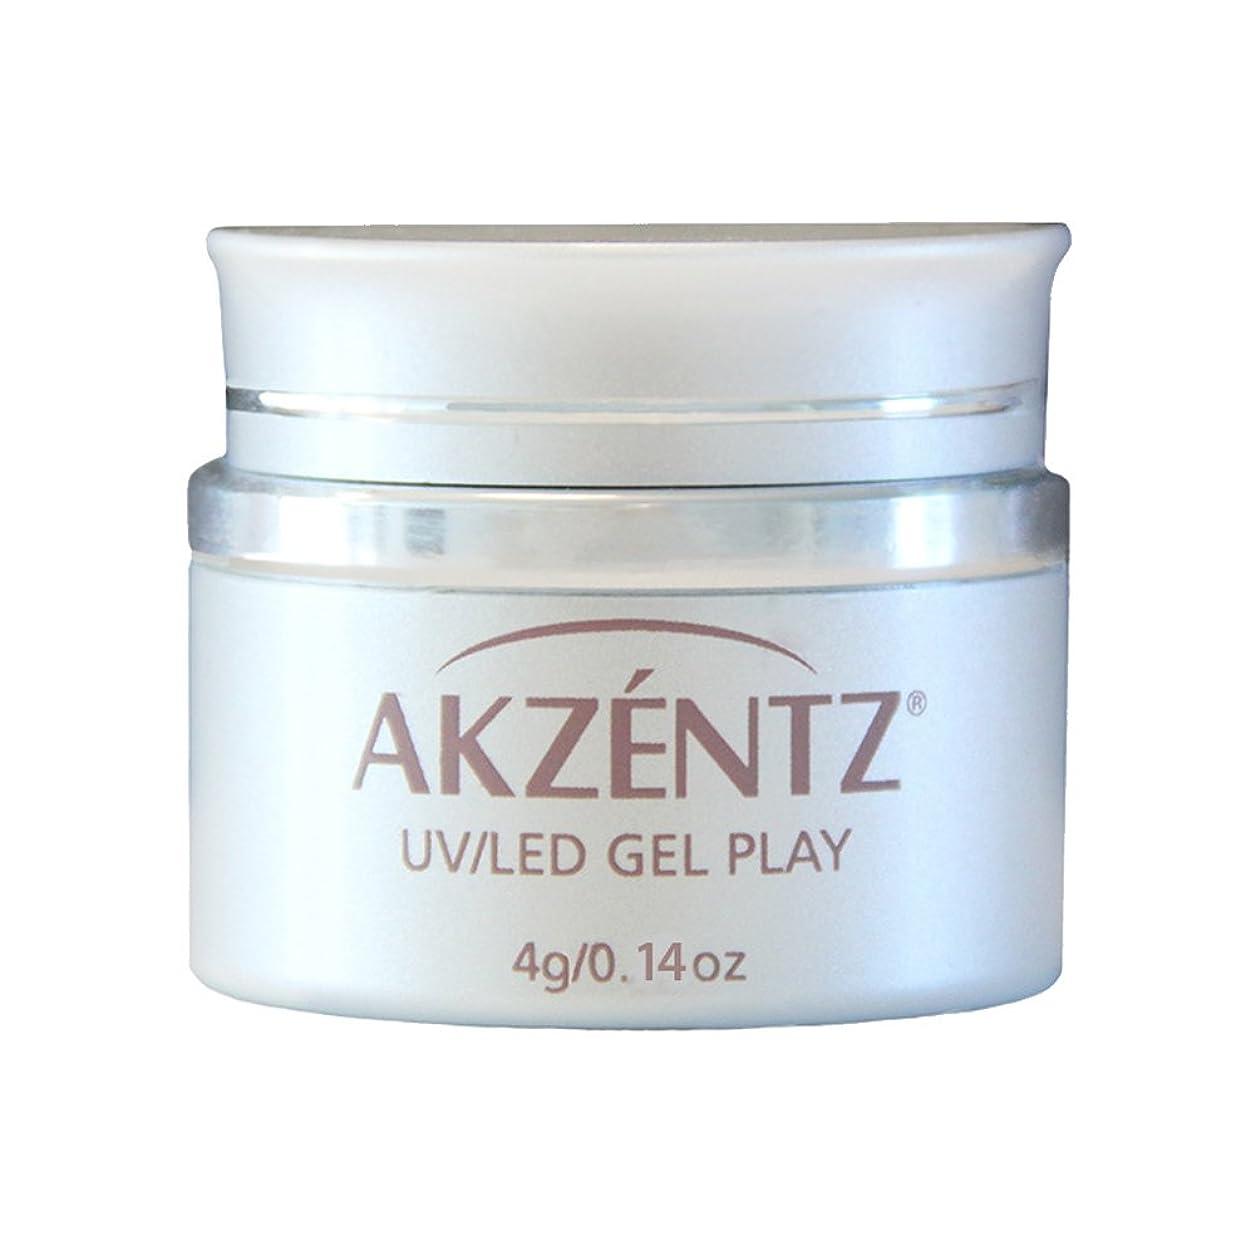 活性化プレゼント記念日AKZENTZ カラージェル ジェルプレイ グリッター シスターグリーンシー 4g UV/LED対応